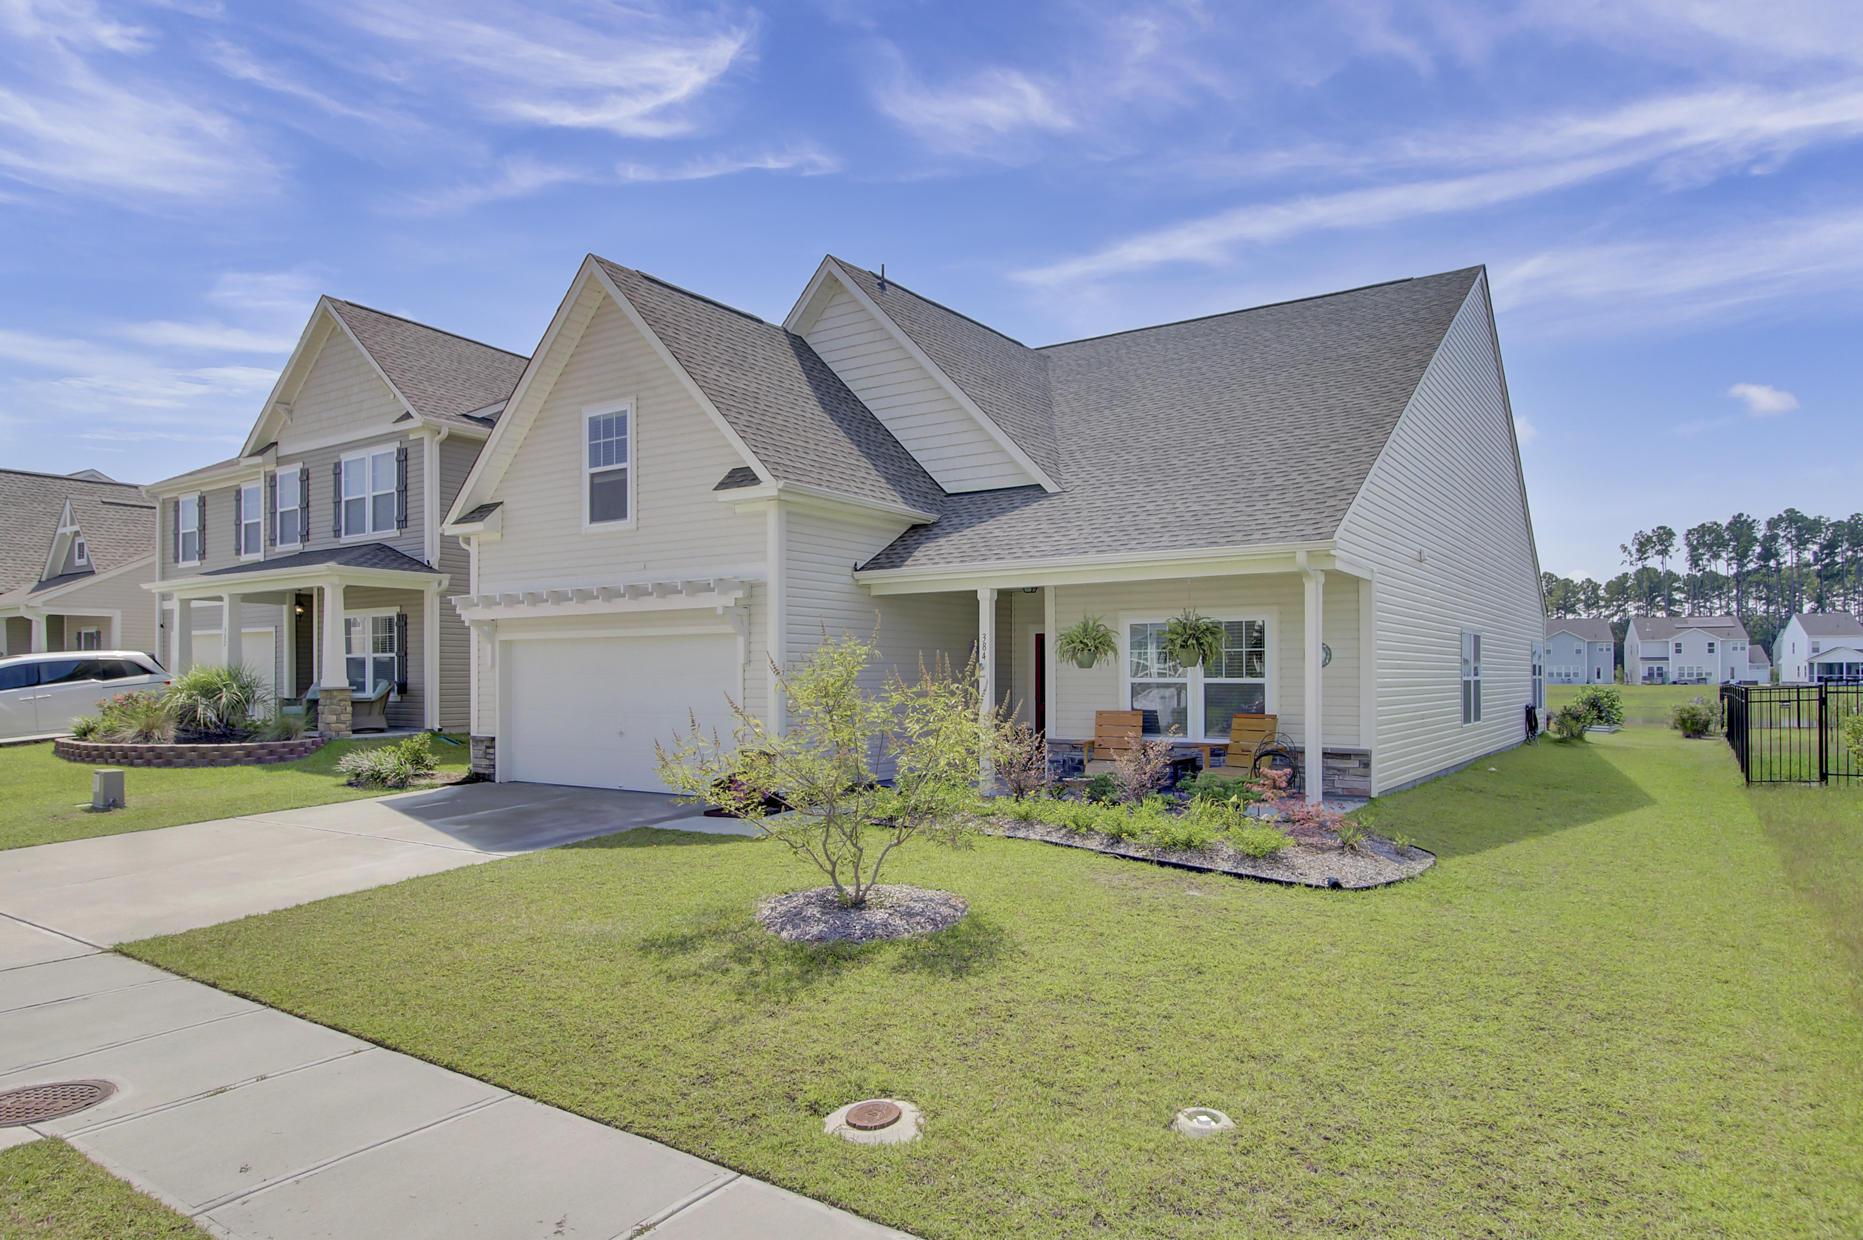 North Creek Village Homes For Sale - 384 Dunlin, Summerville, SC - 45